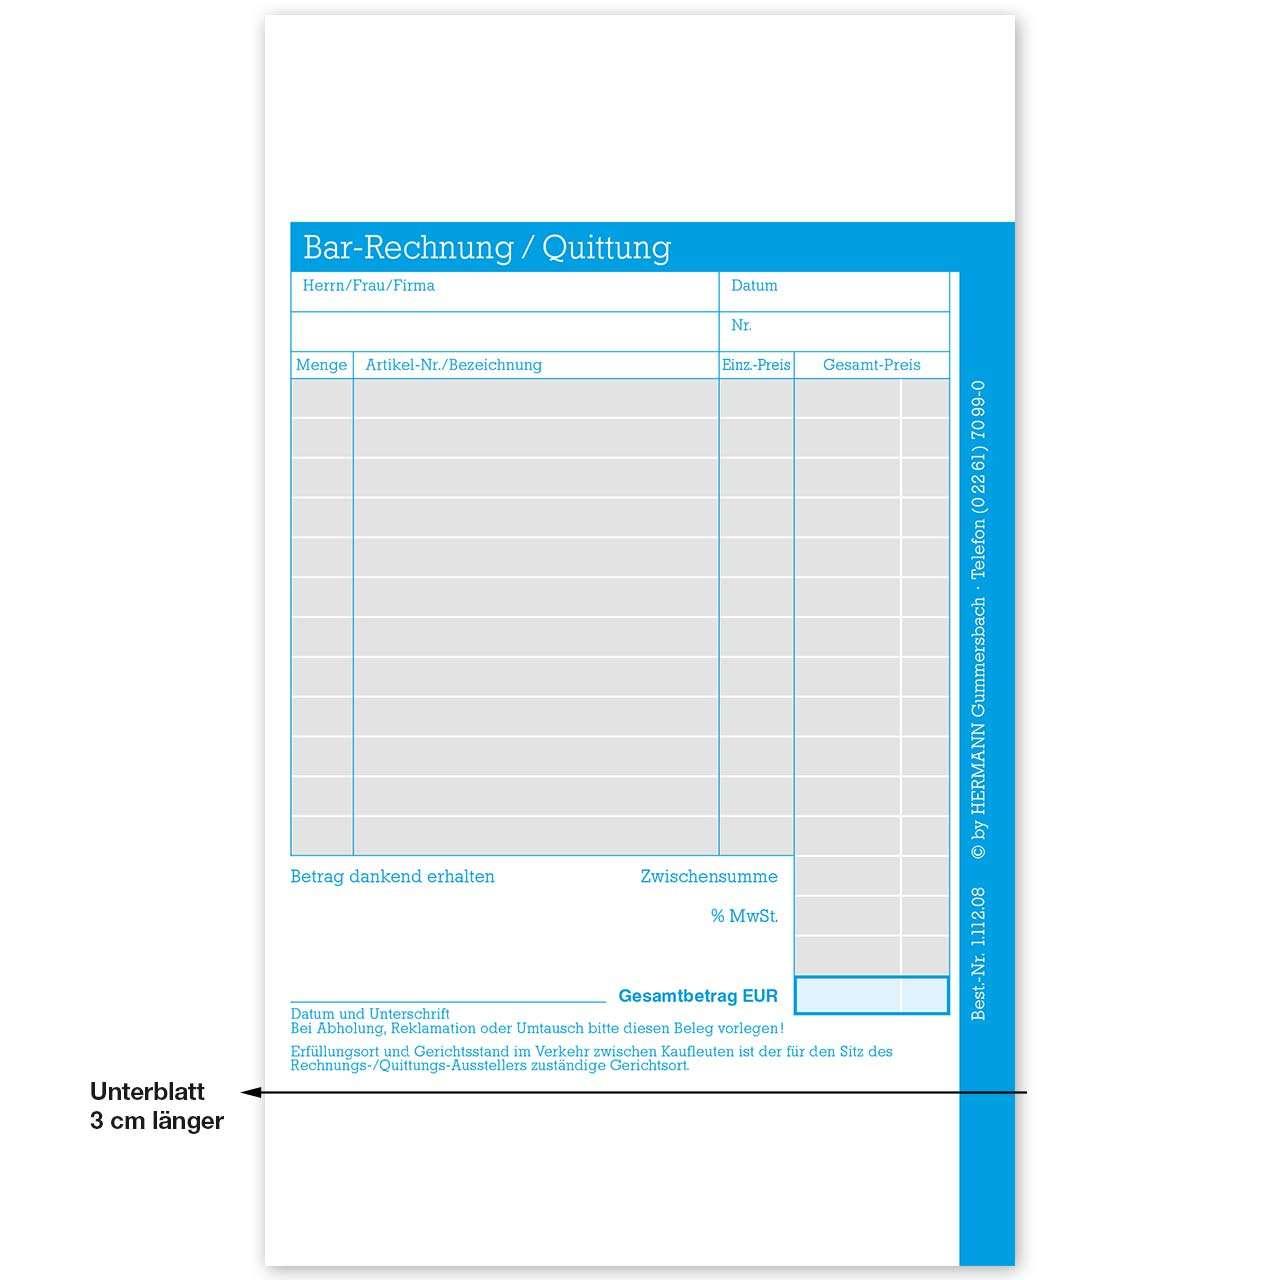 Bar-Rechnung / Quittung, ohne Firmeneindruck | Rechnungen und ...